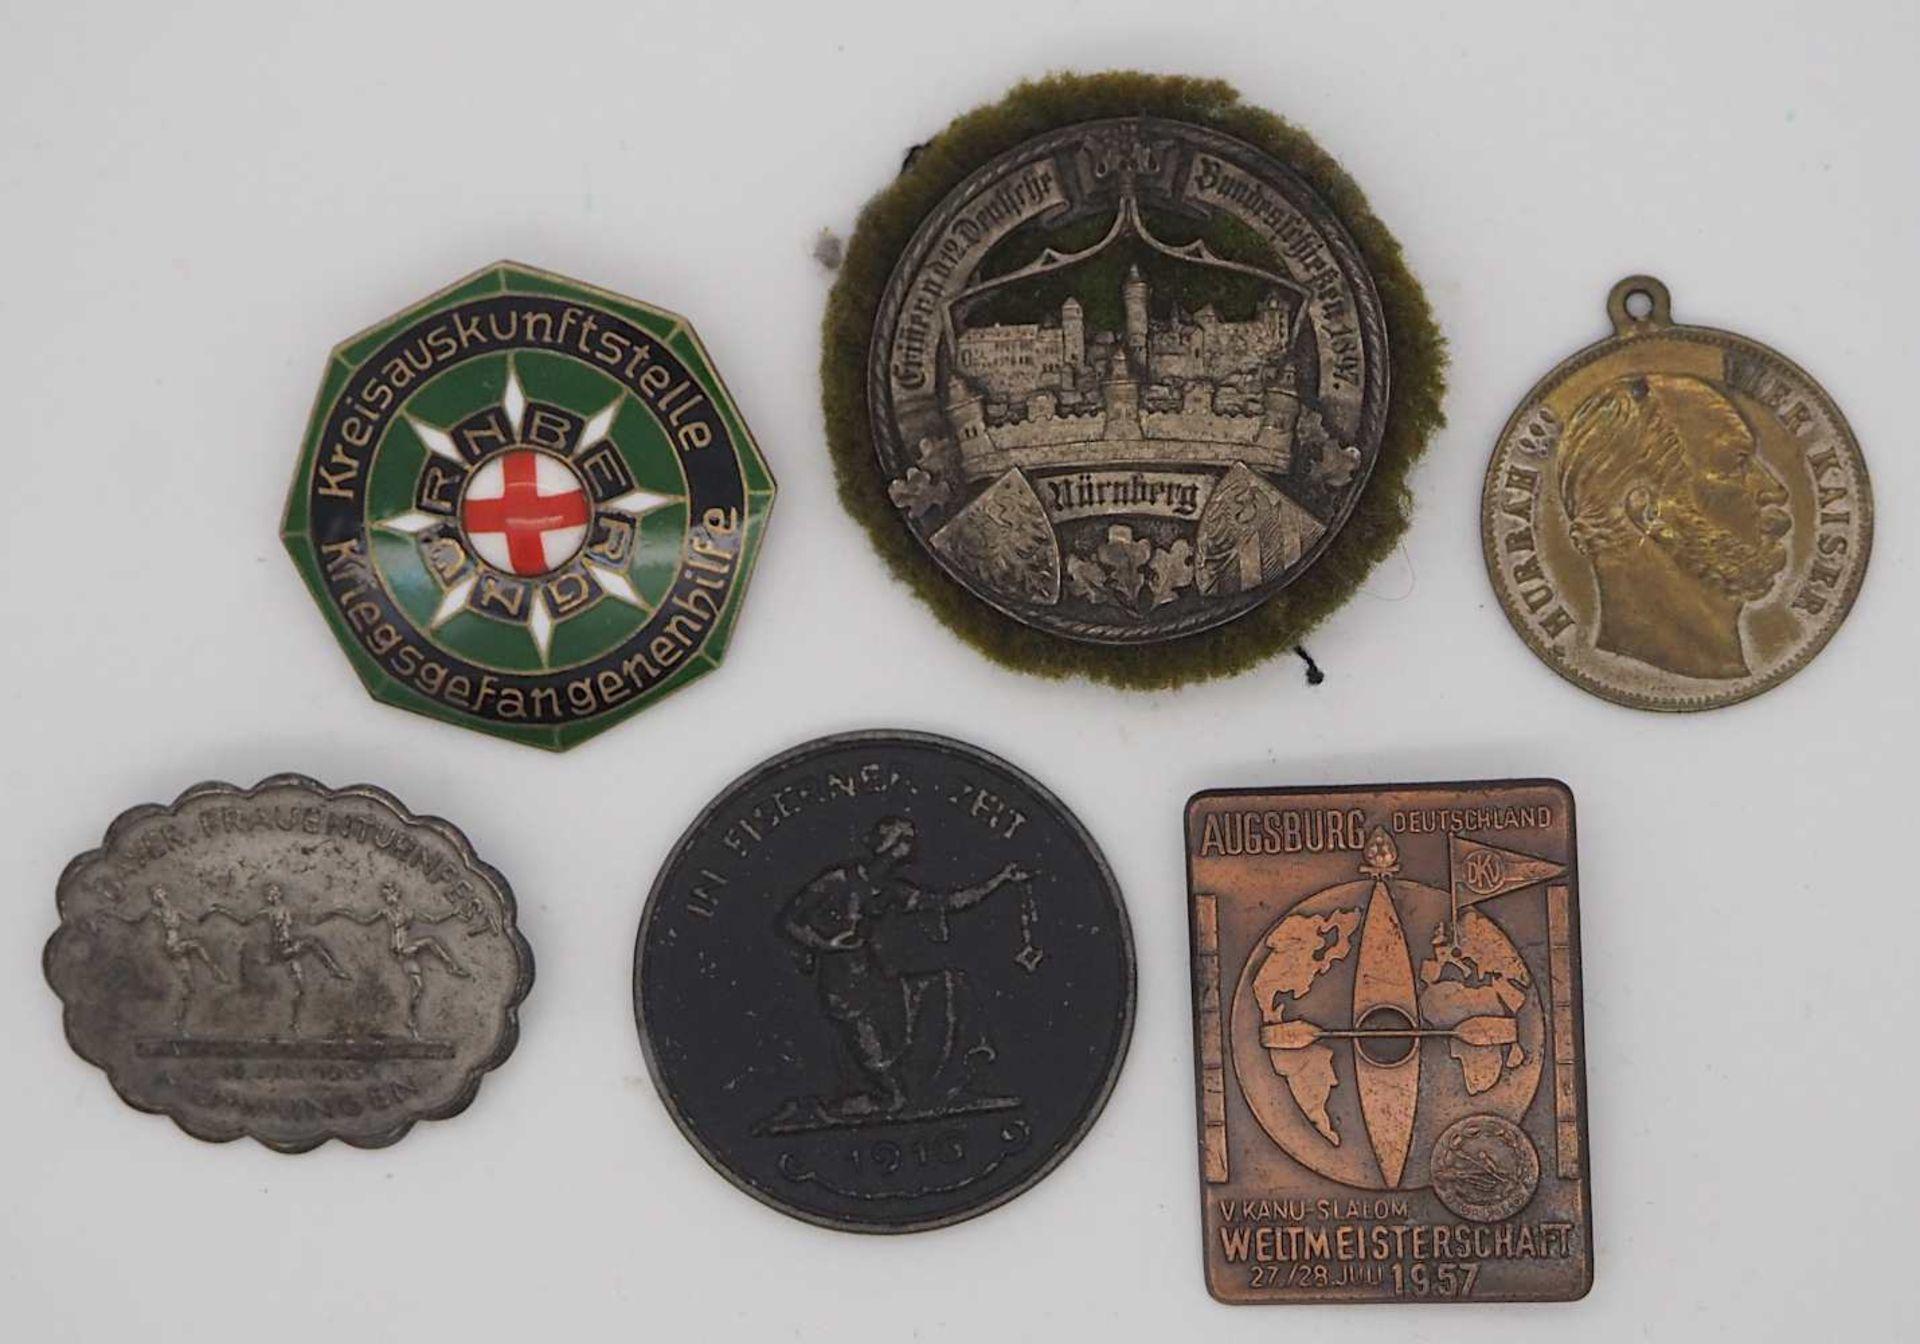 1 Konv. Militaria 3. Reich u.a., 1 Stahlhelm mit Lederinnenfutter, Wehrmacht, entnazifiziert